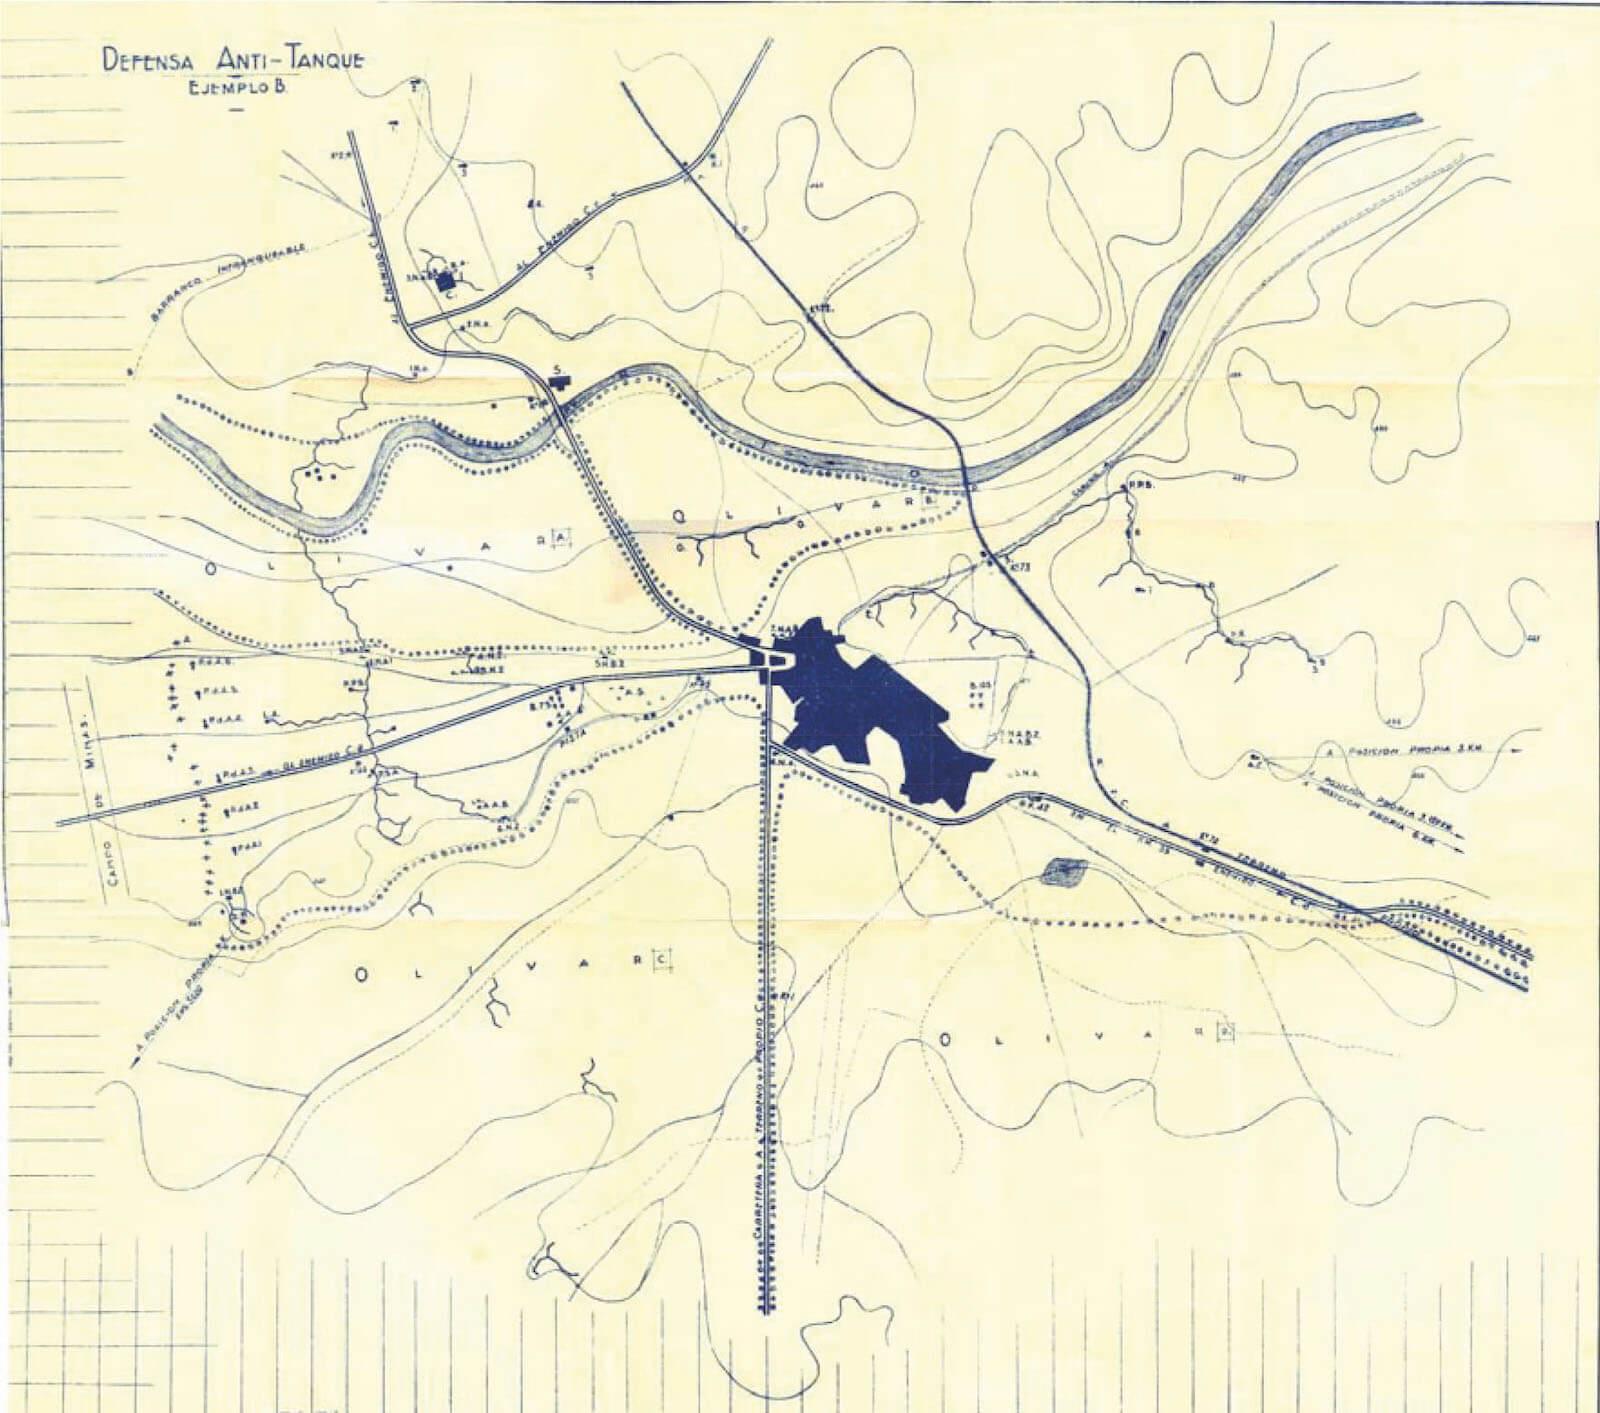 capitán Adrada, Defensa anti-tanque mapa defensas Belchite